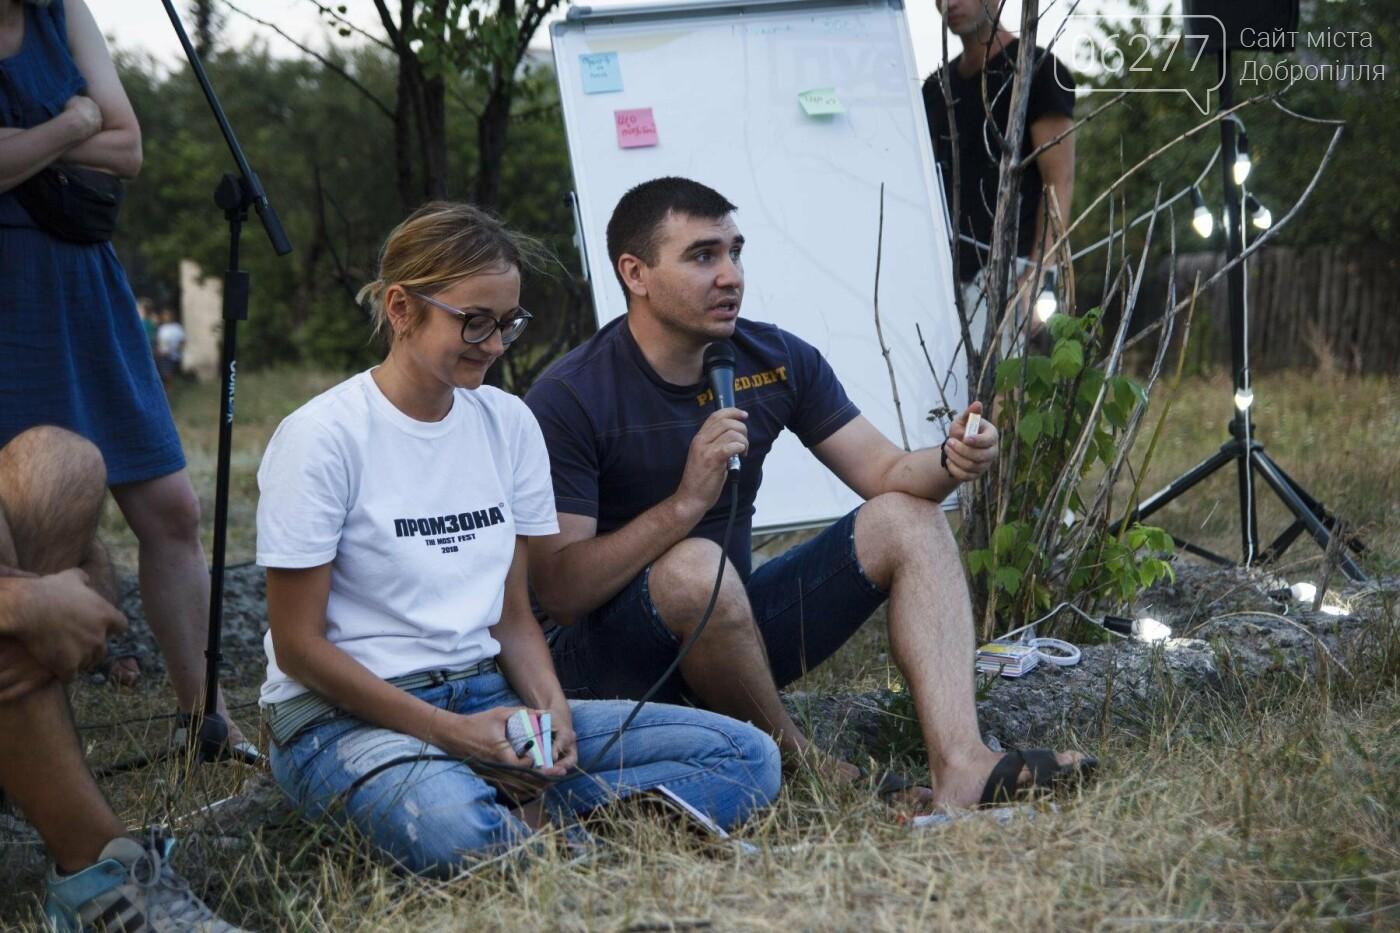 Розпочався етап проекту Метамісто:Схід у Добропіллі, фото-3